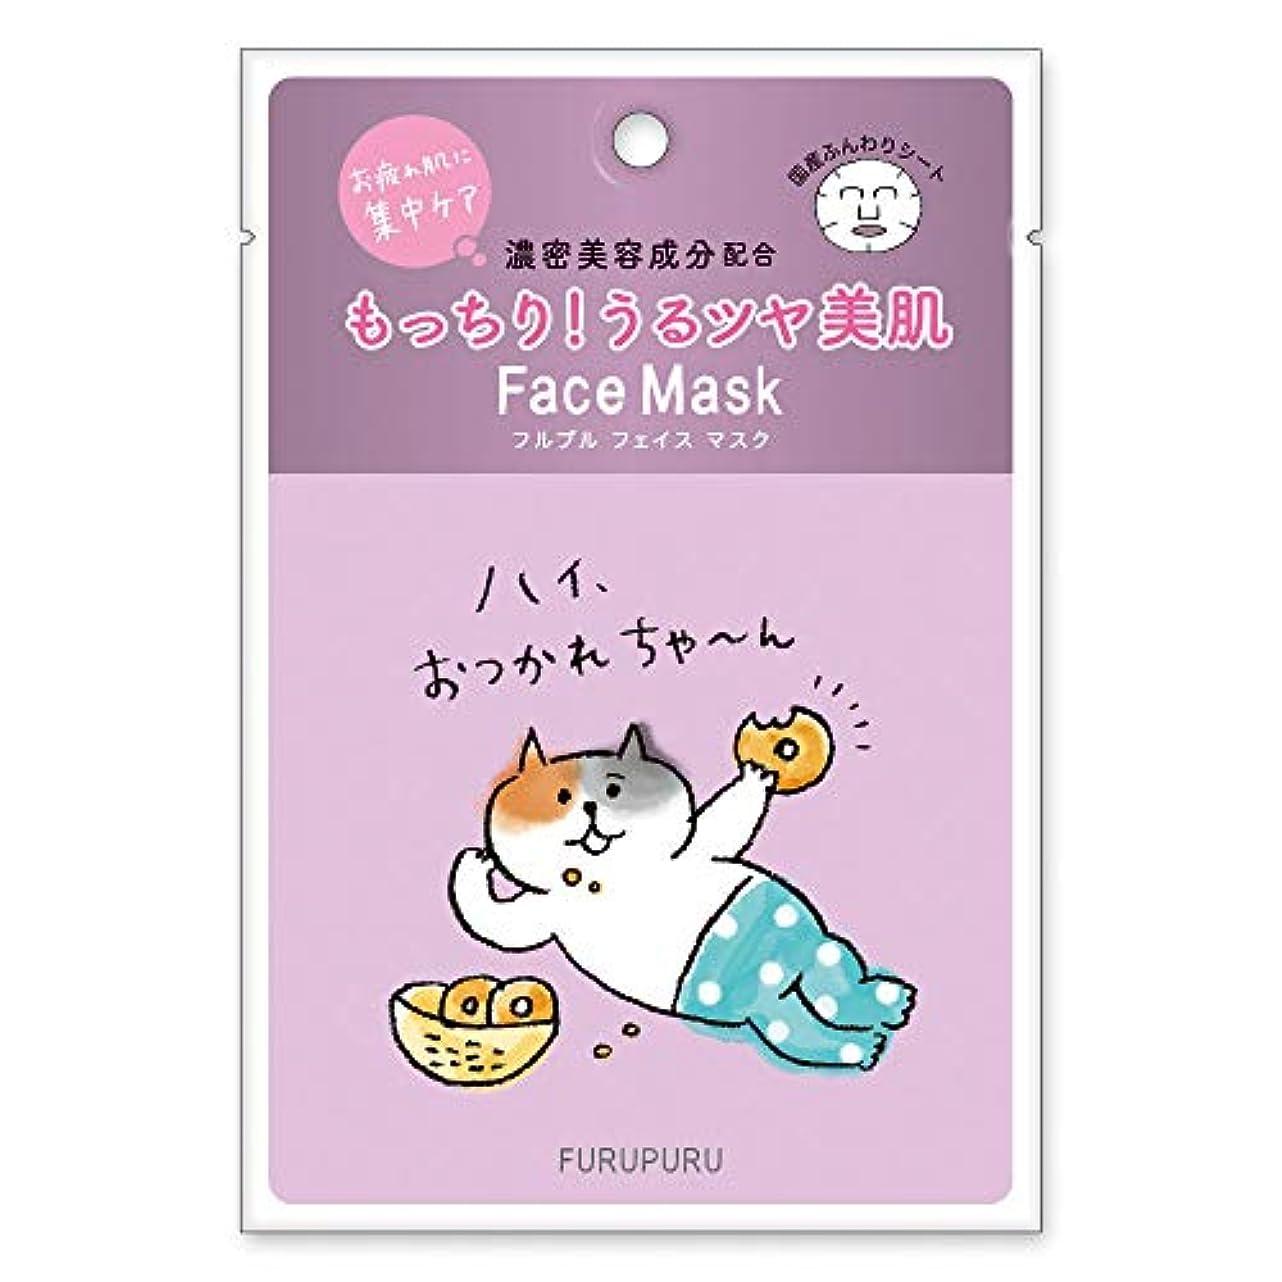 眠りサイレン絶対のフルプルフェイスマスク ごろごろにゃんすけ おつかれちゃん やさしく香る天然ローズの香り 30g